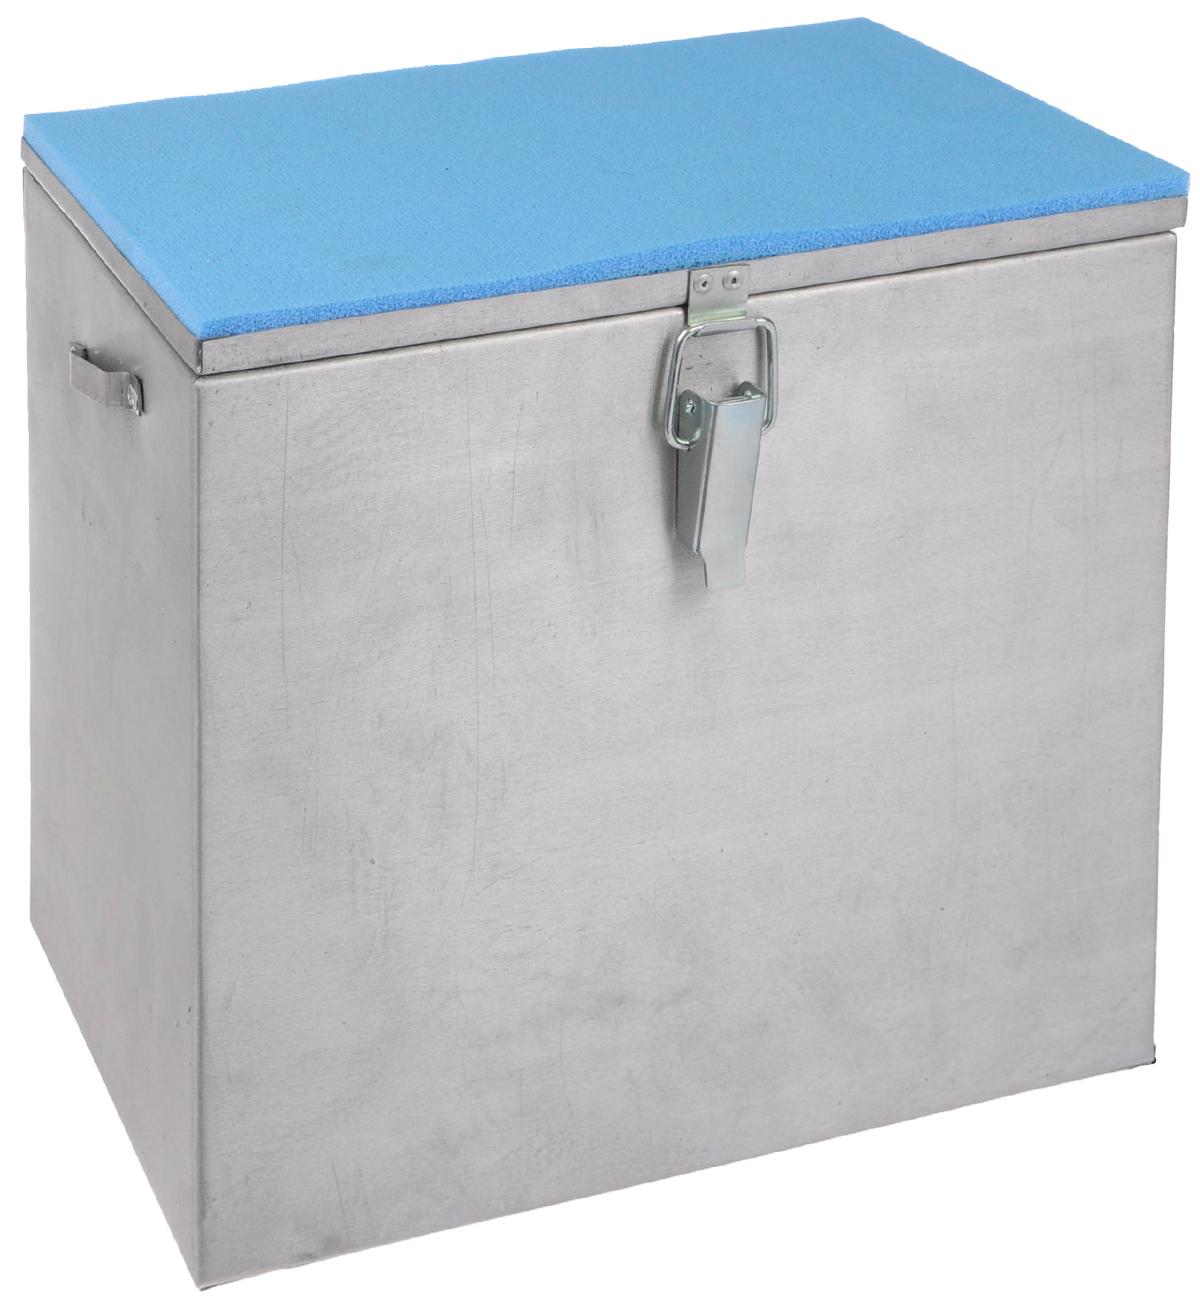 Ящик рыболова Рост, алюминиевый, 30 см х 19 см х 29 см. 244626733Прочный и надежный ящик Рост, выполненный из высококачественного алюминия, сможет не один год прослужить любителю зимней рыбалки для транспортировки снастей и улова. Служащая сиденьем верхняя часть крышки оклеена плотным теплоизолятором - пенополиэтиленом с рифленой поверхностью. Боковые стенки емкости снабжены петлями для крепления идущего в комплекте плечевого ремня.